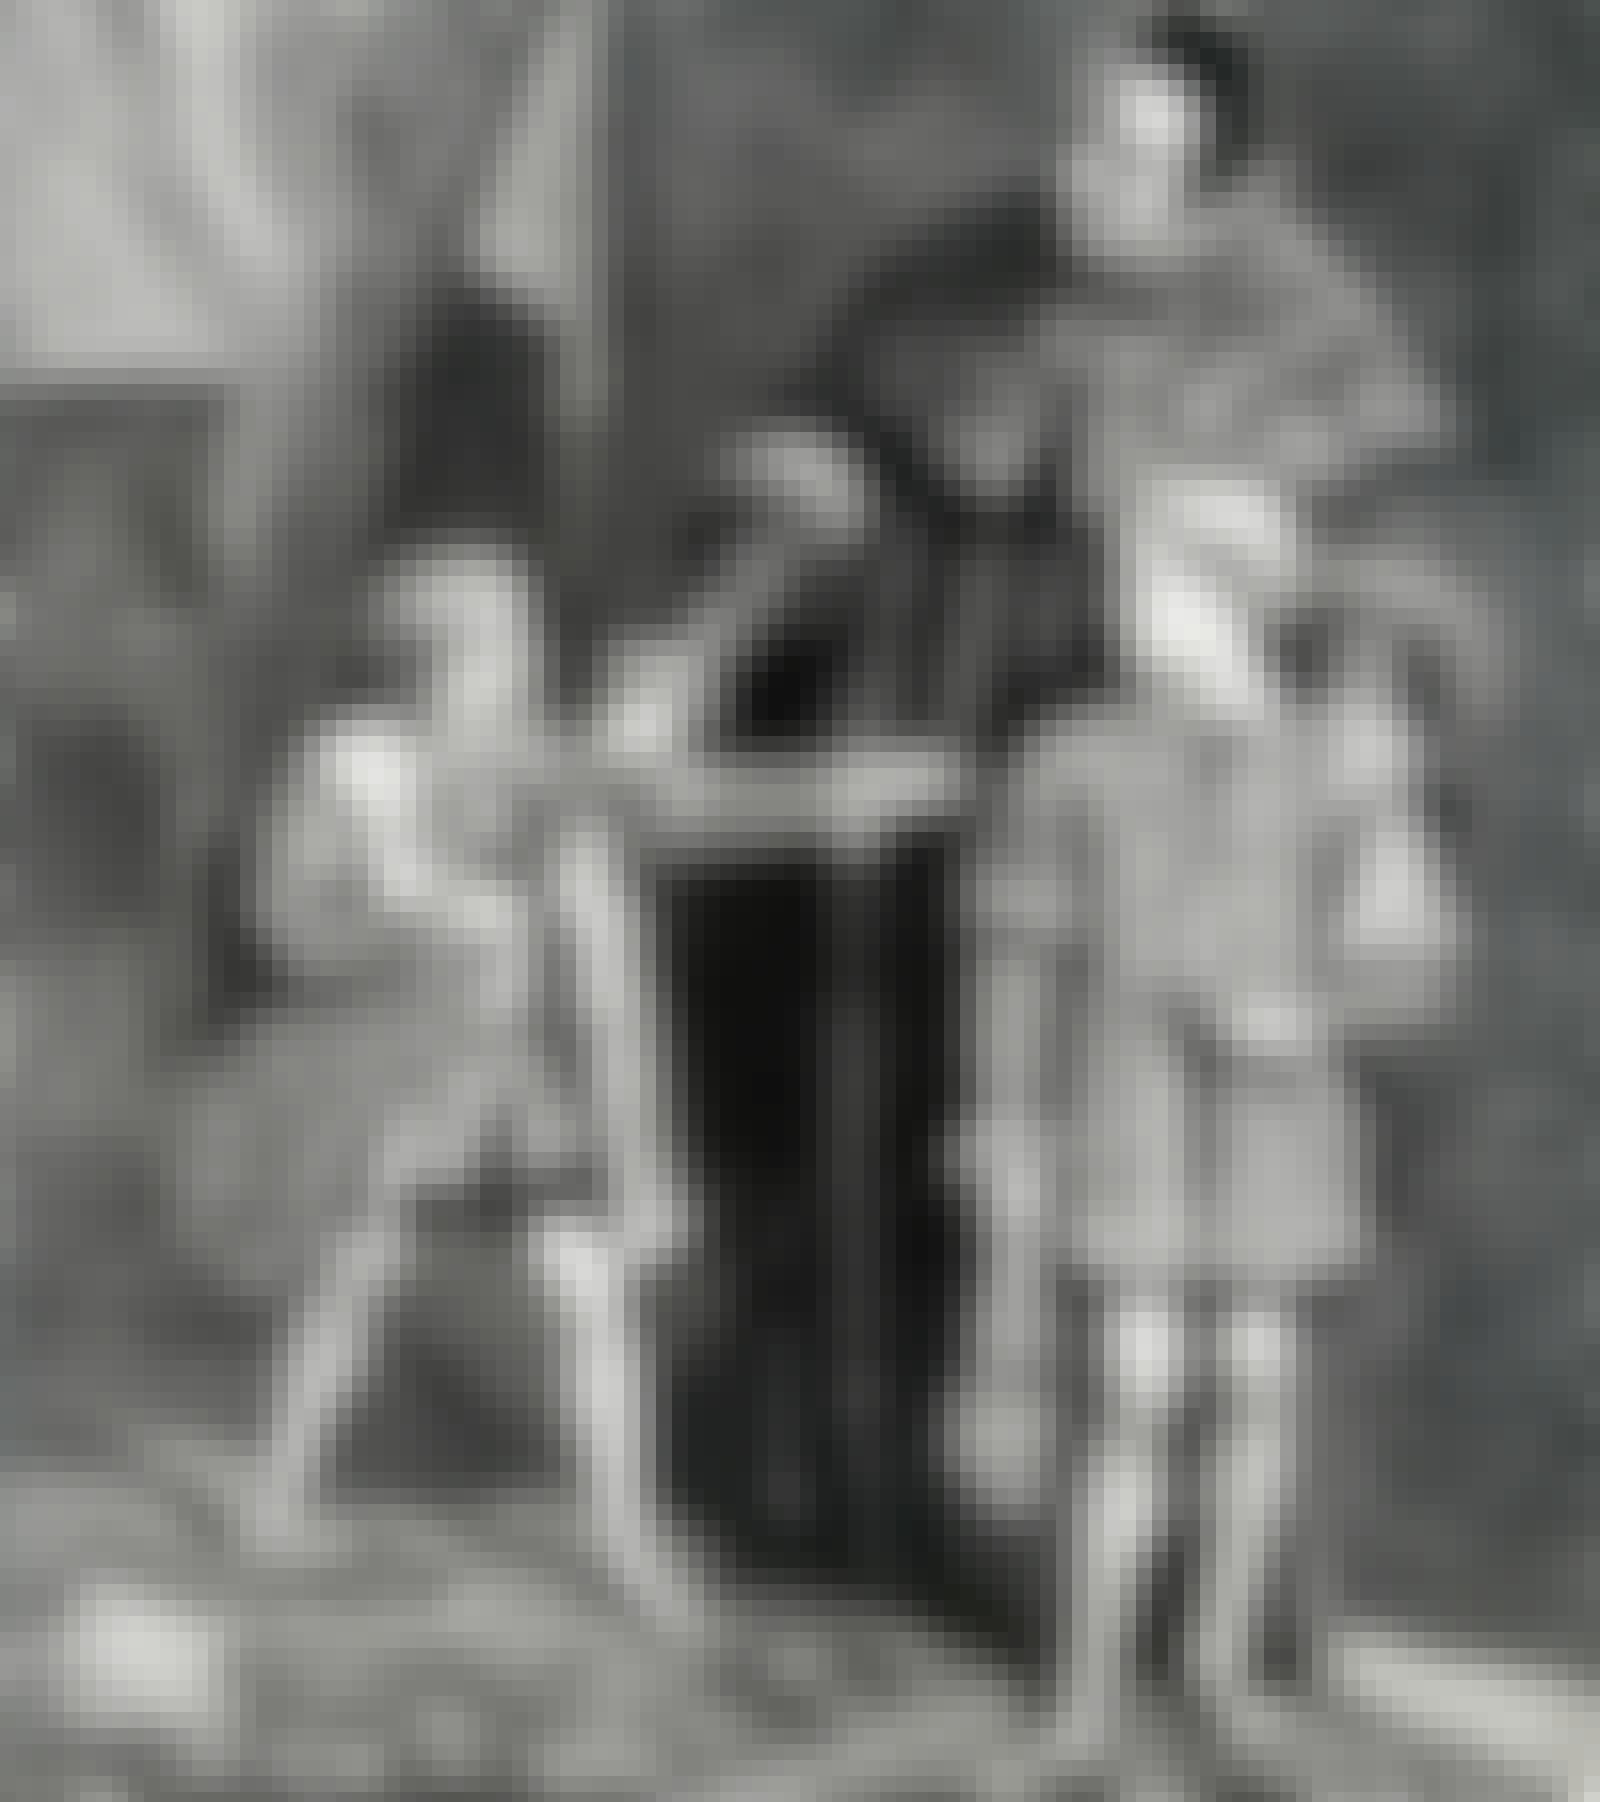 Edward VI's whipping boy